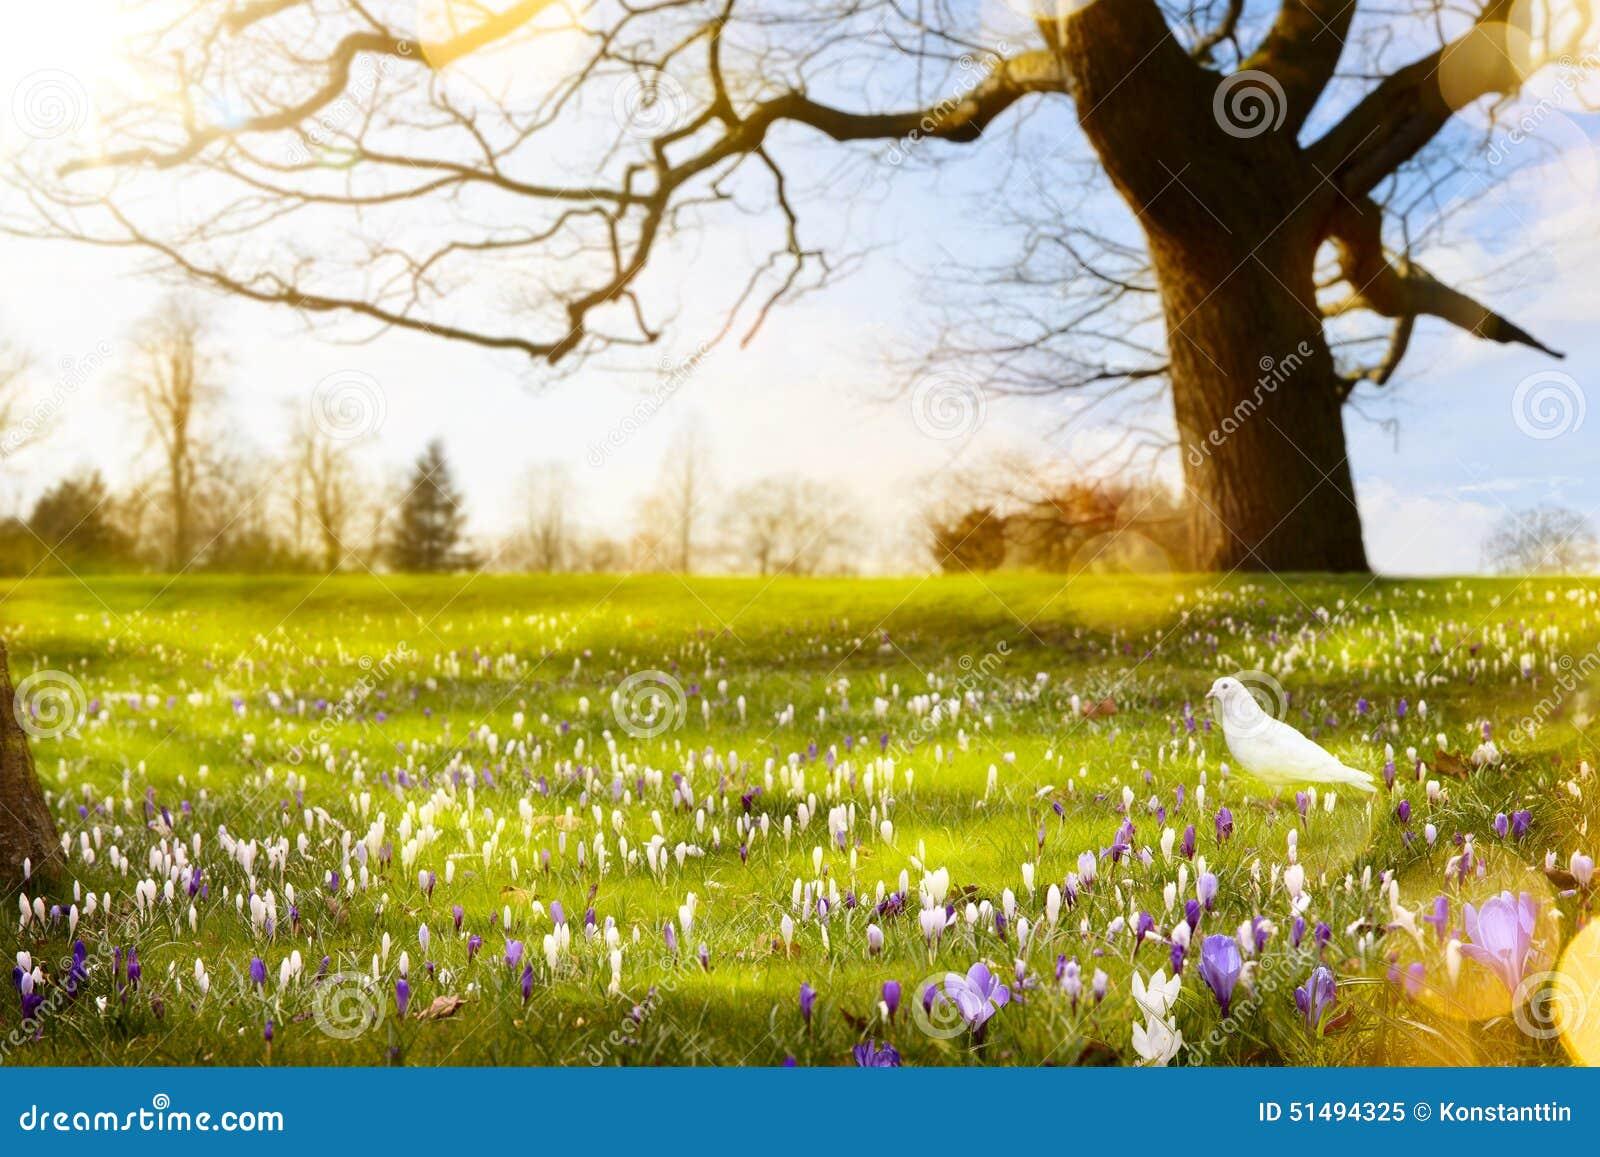 Abstrakter sonniger Frühlingshintergrund